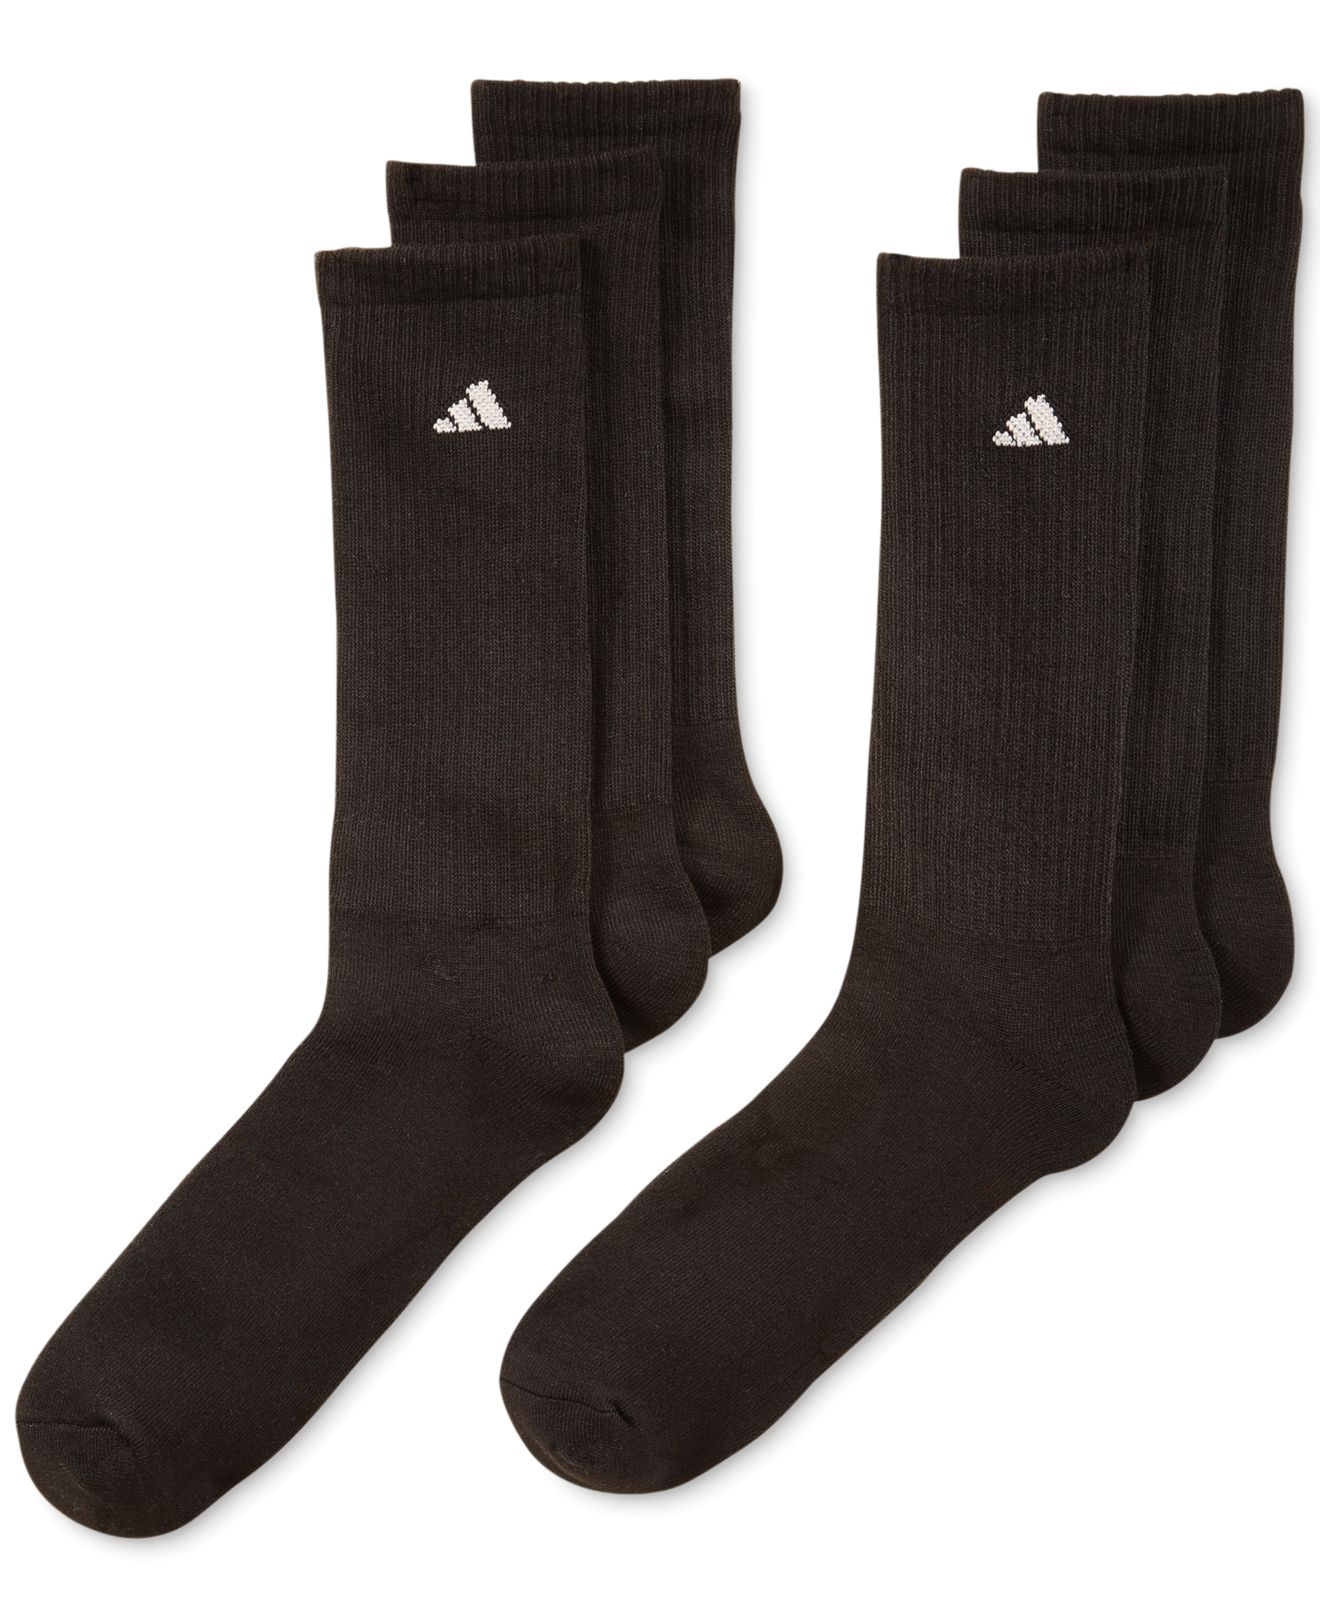 Adidas Originals Men S Athletic Performance Crew Socks 6